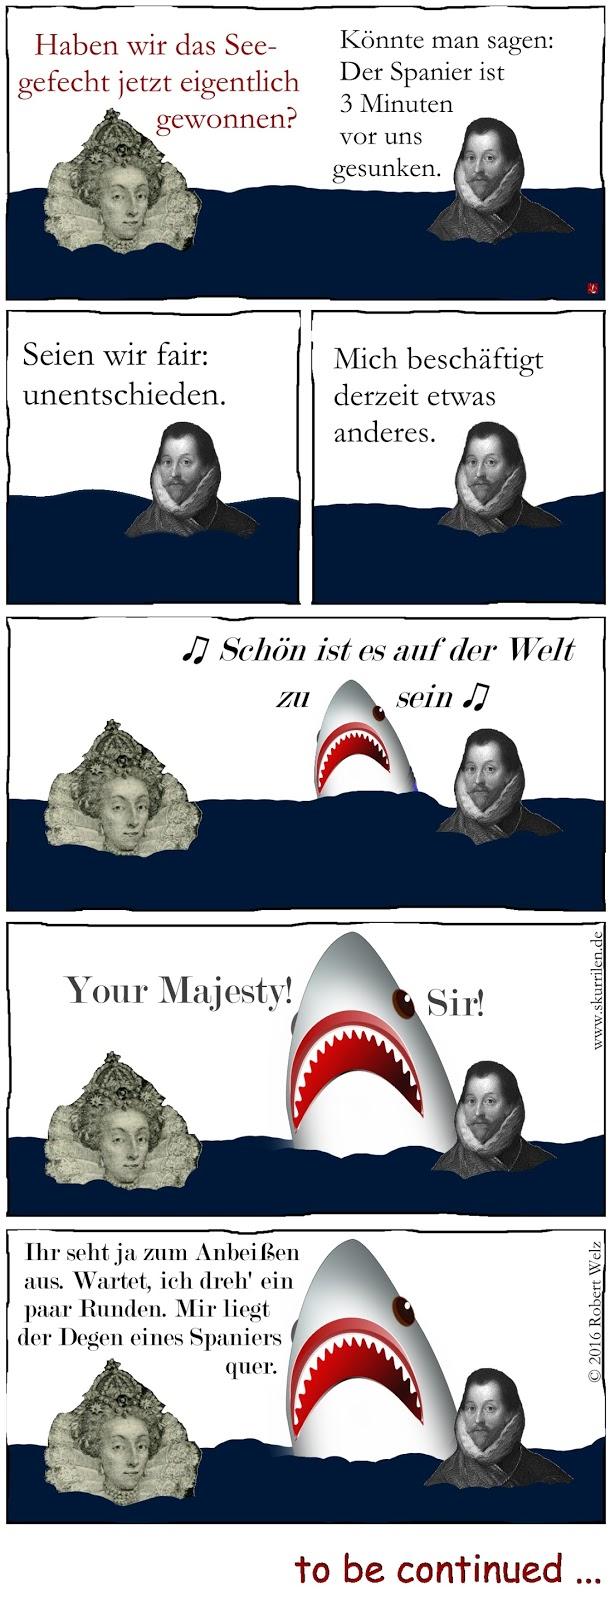 sarkastischer Humor im Fantasy Web-Comic: Elizabeth I. & Francis Drake steht nach einem Seegefecht das Wasser bis zum Hals. Und dann erscheint der Weiße Hai.